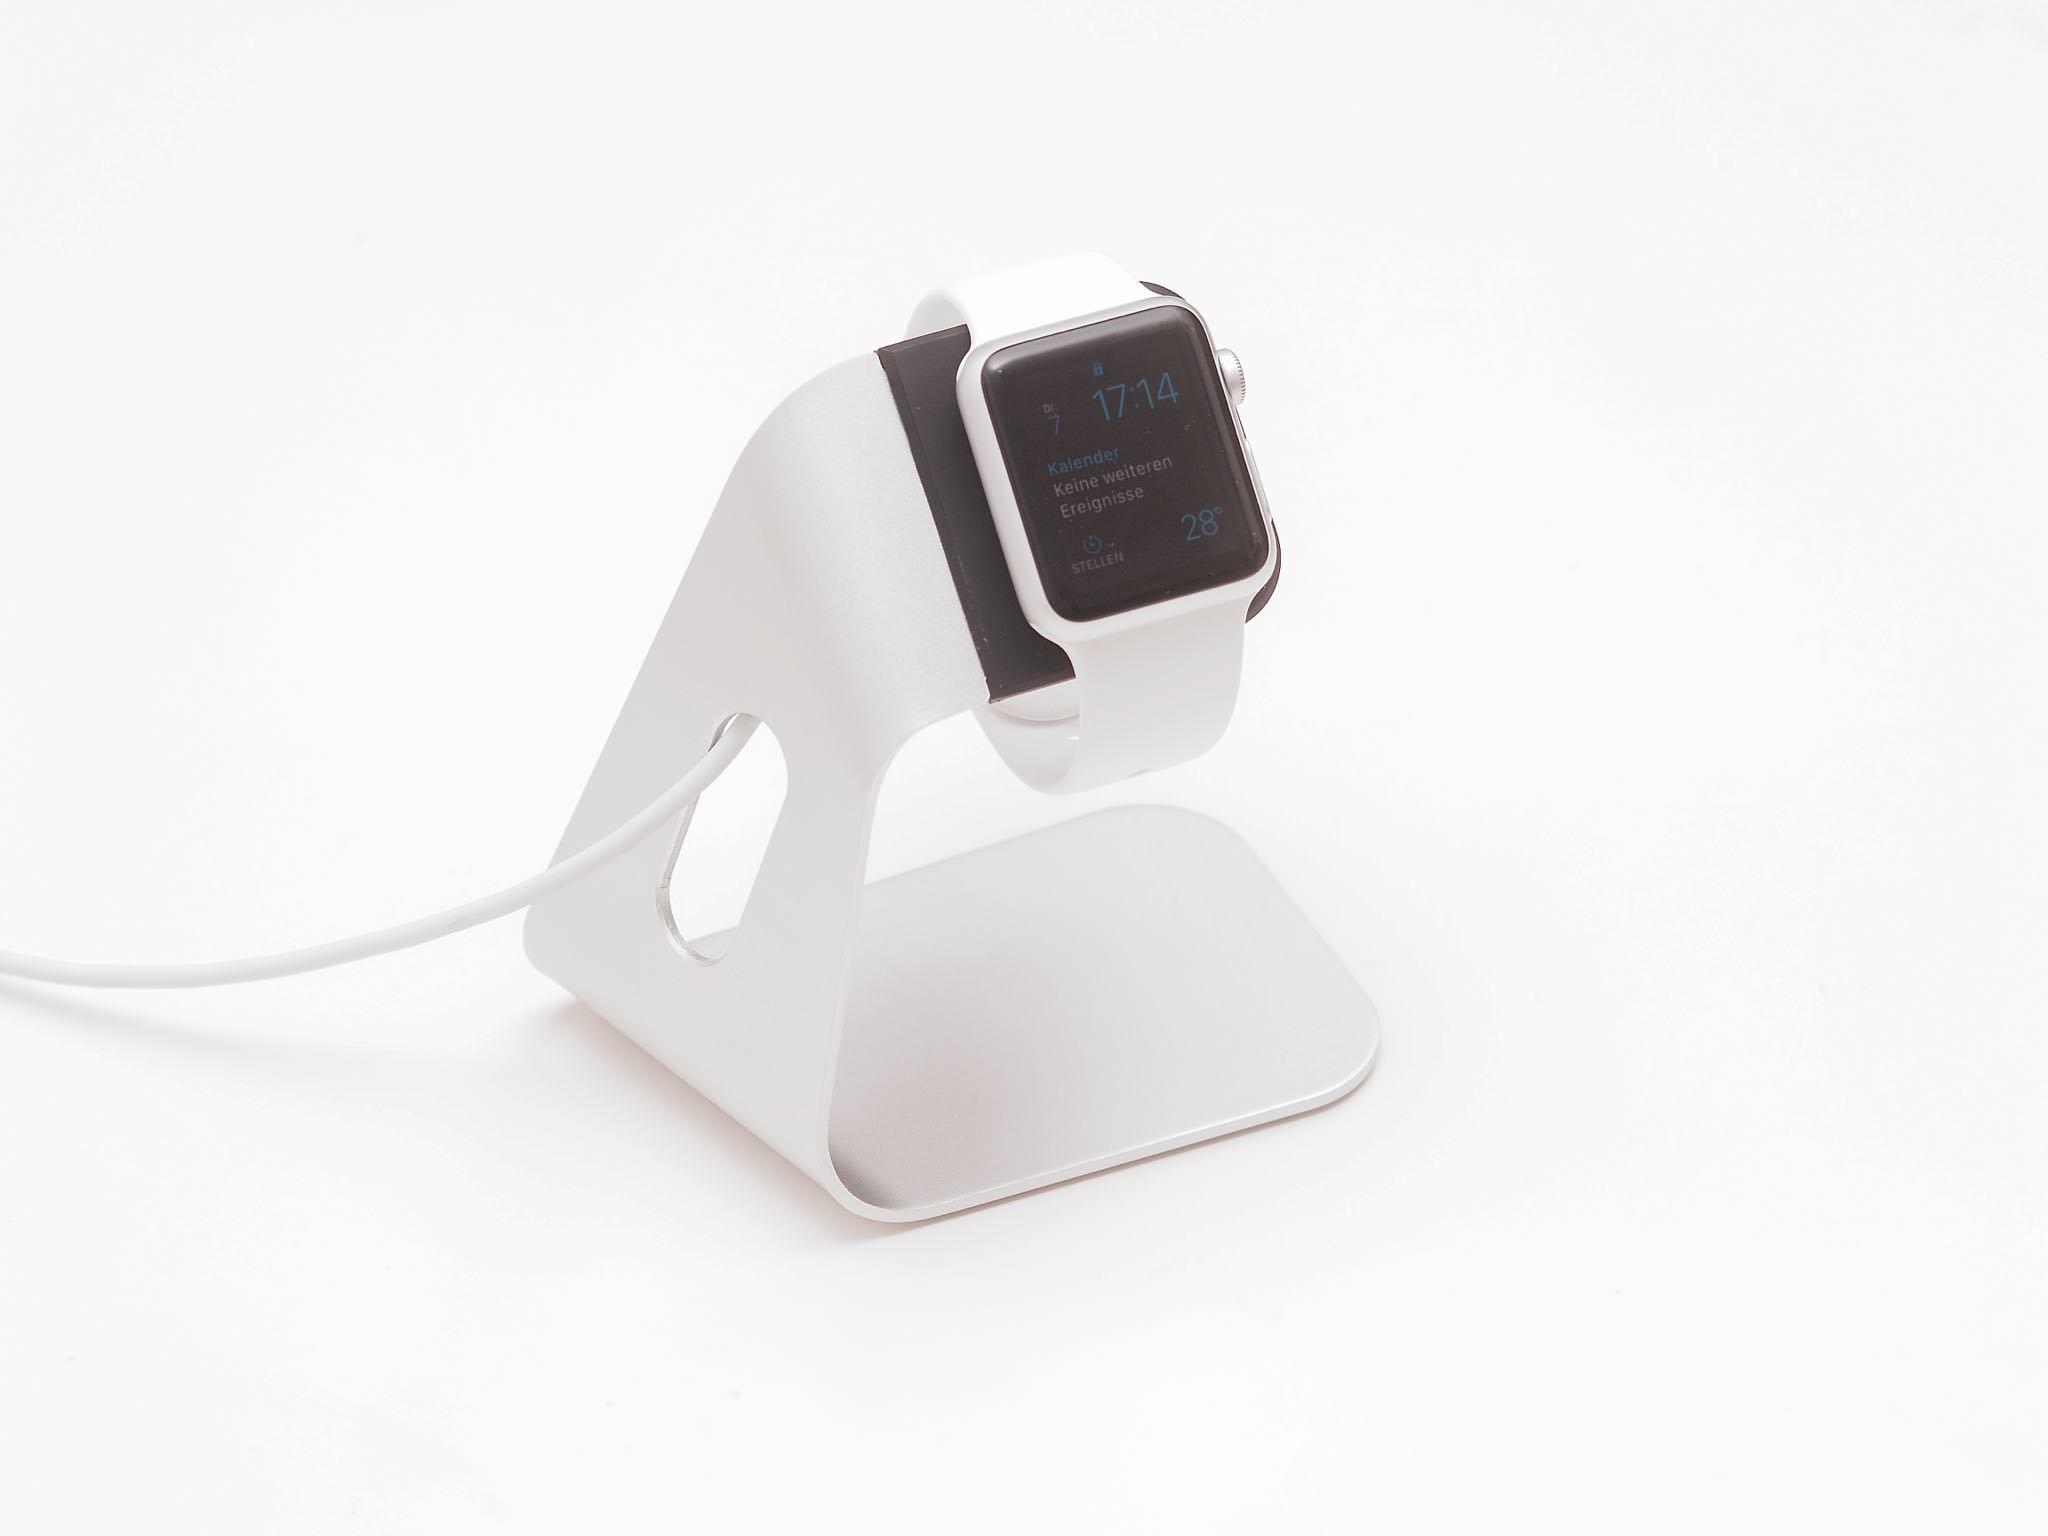 Spigen Apple Watch Stand S330 - 4